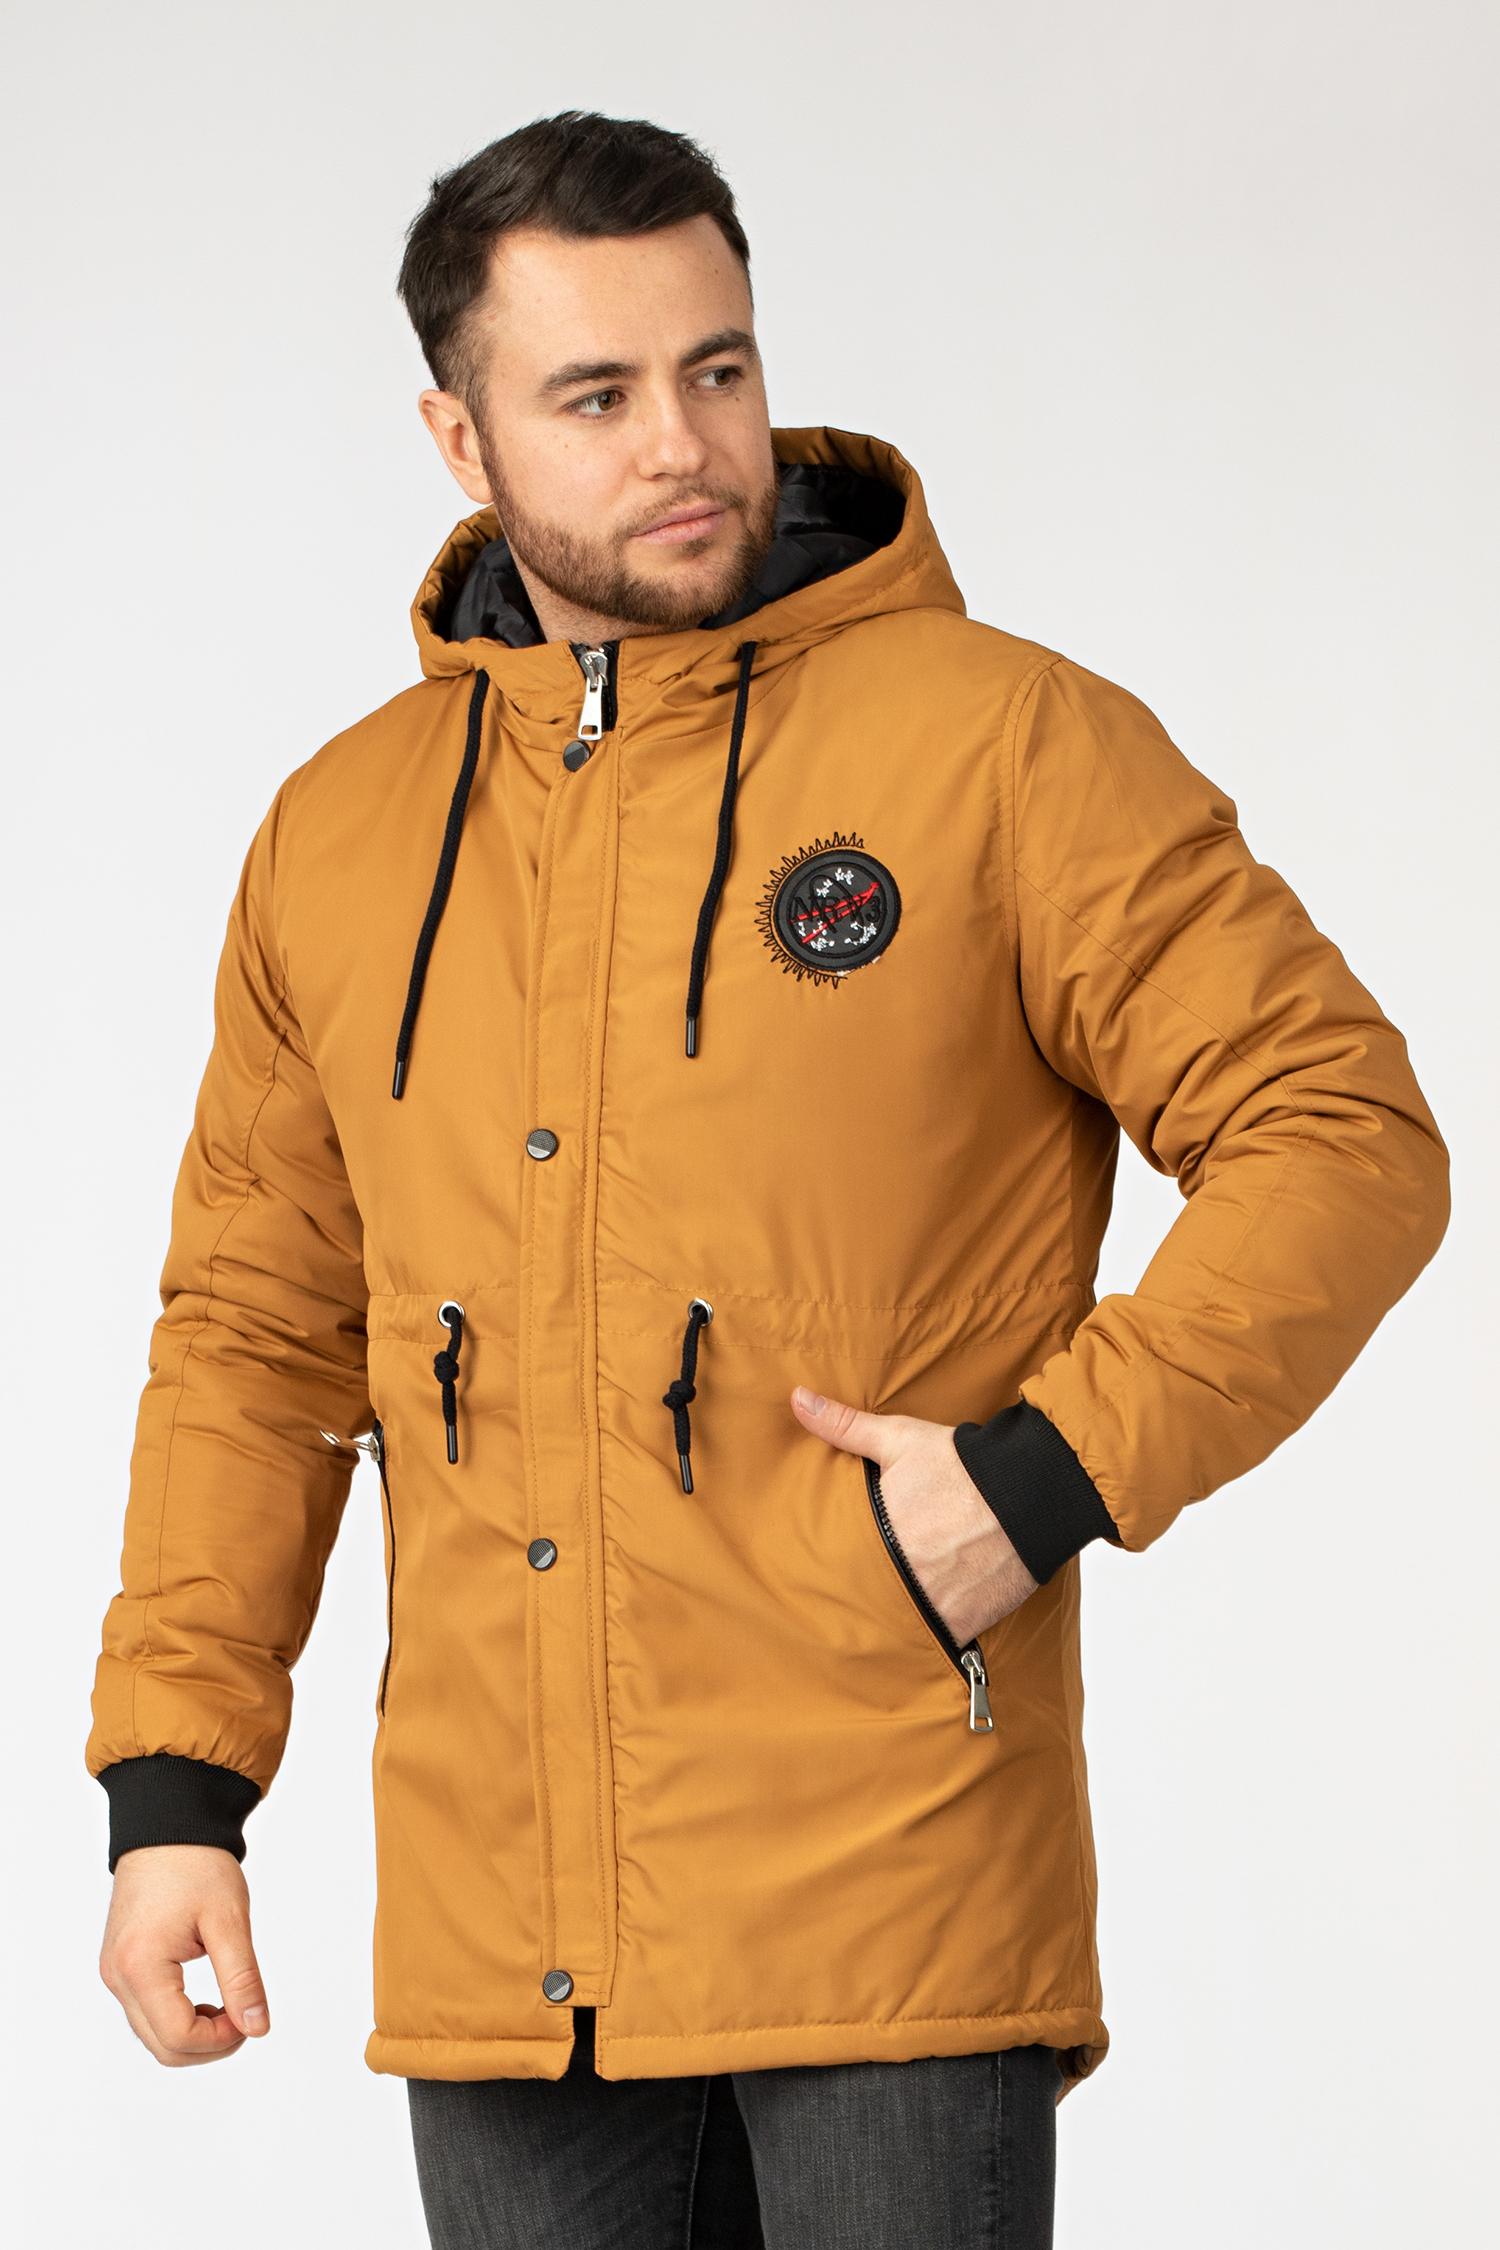 Купить Парка мужская из текстиля с капюшоном, без отделки, МОСМЕХА, горчичный, Текстиль, 4100034